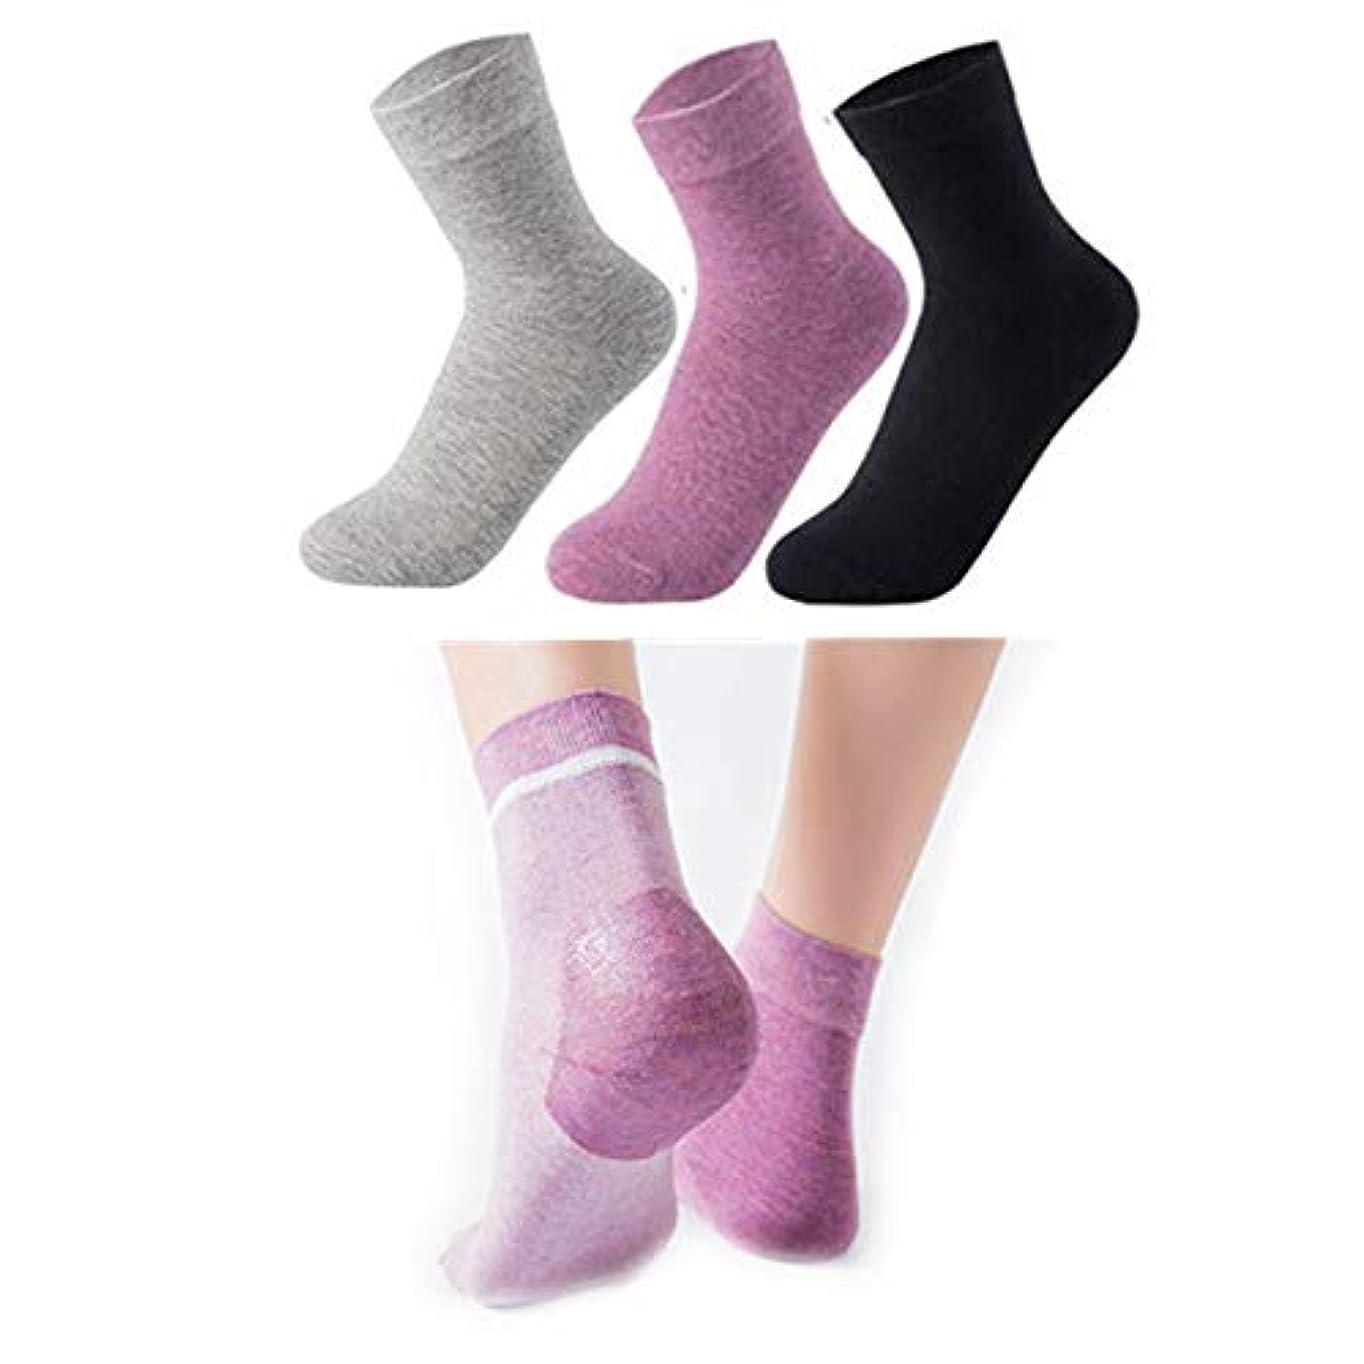 メタルライン包括的固有のSweetimes かかとケアソックス 保湿効果 靴下 がさがさ つるつる ひび割れ うるおい 3色セット No.149 (女性)